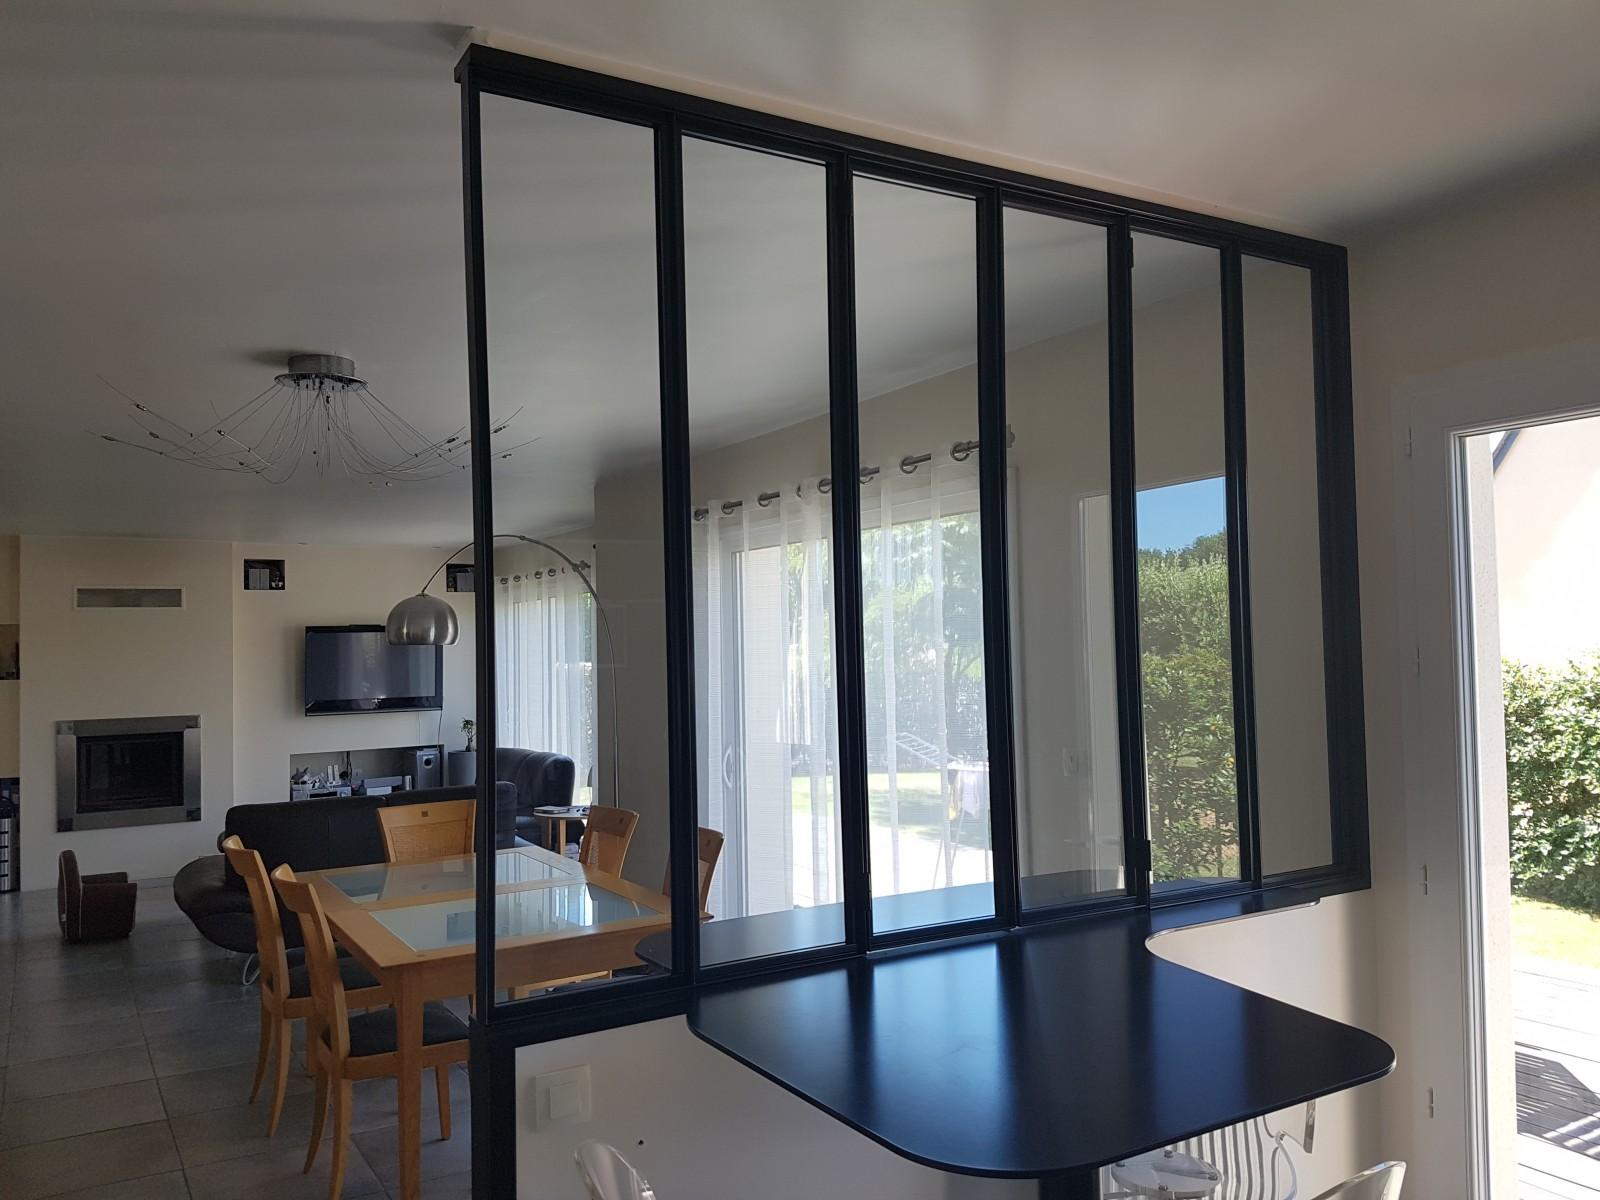 Cloison vitr e d atelier for Cloison industrielle vitree